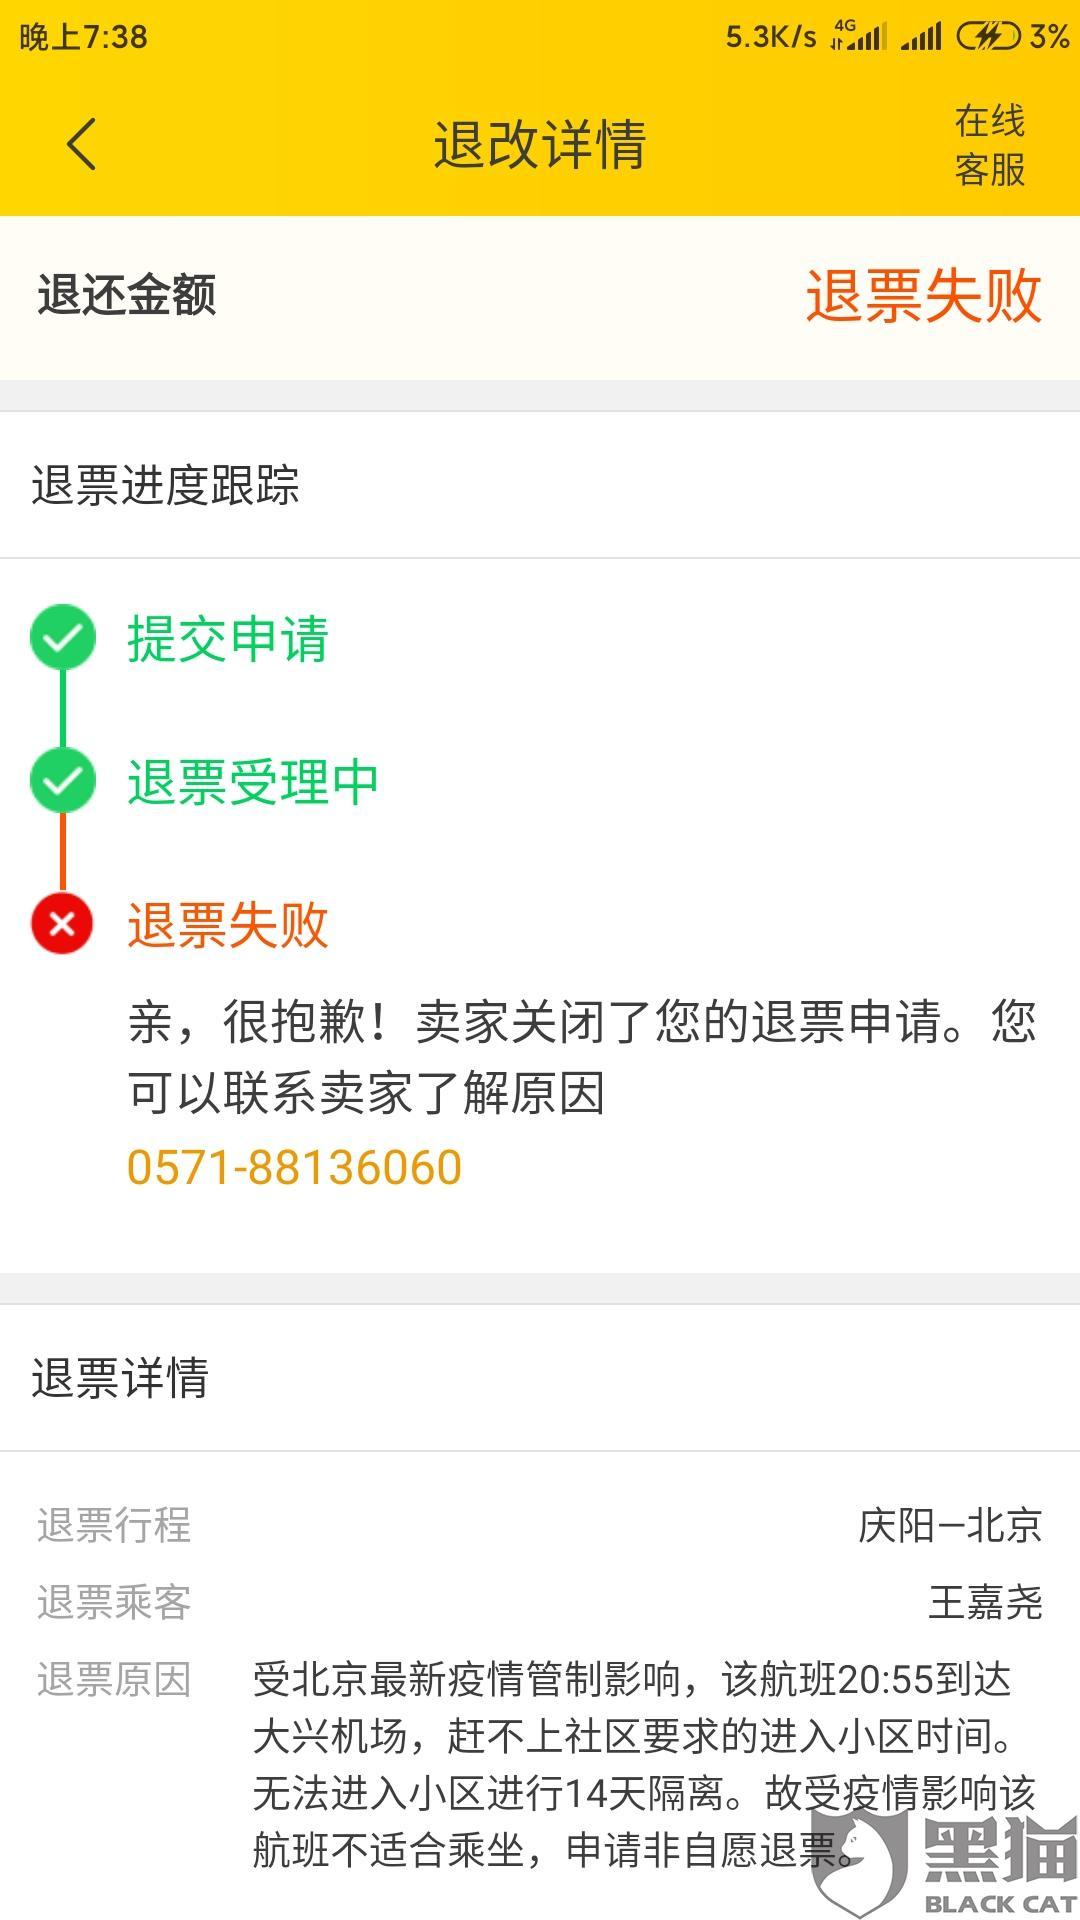 黑猫投诉:在飞猪购买中国联合航空机票因疫情原因不能出行,平台不予退票